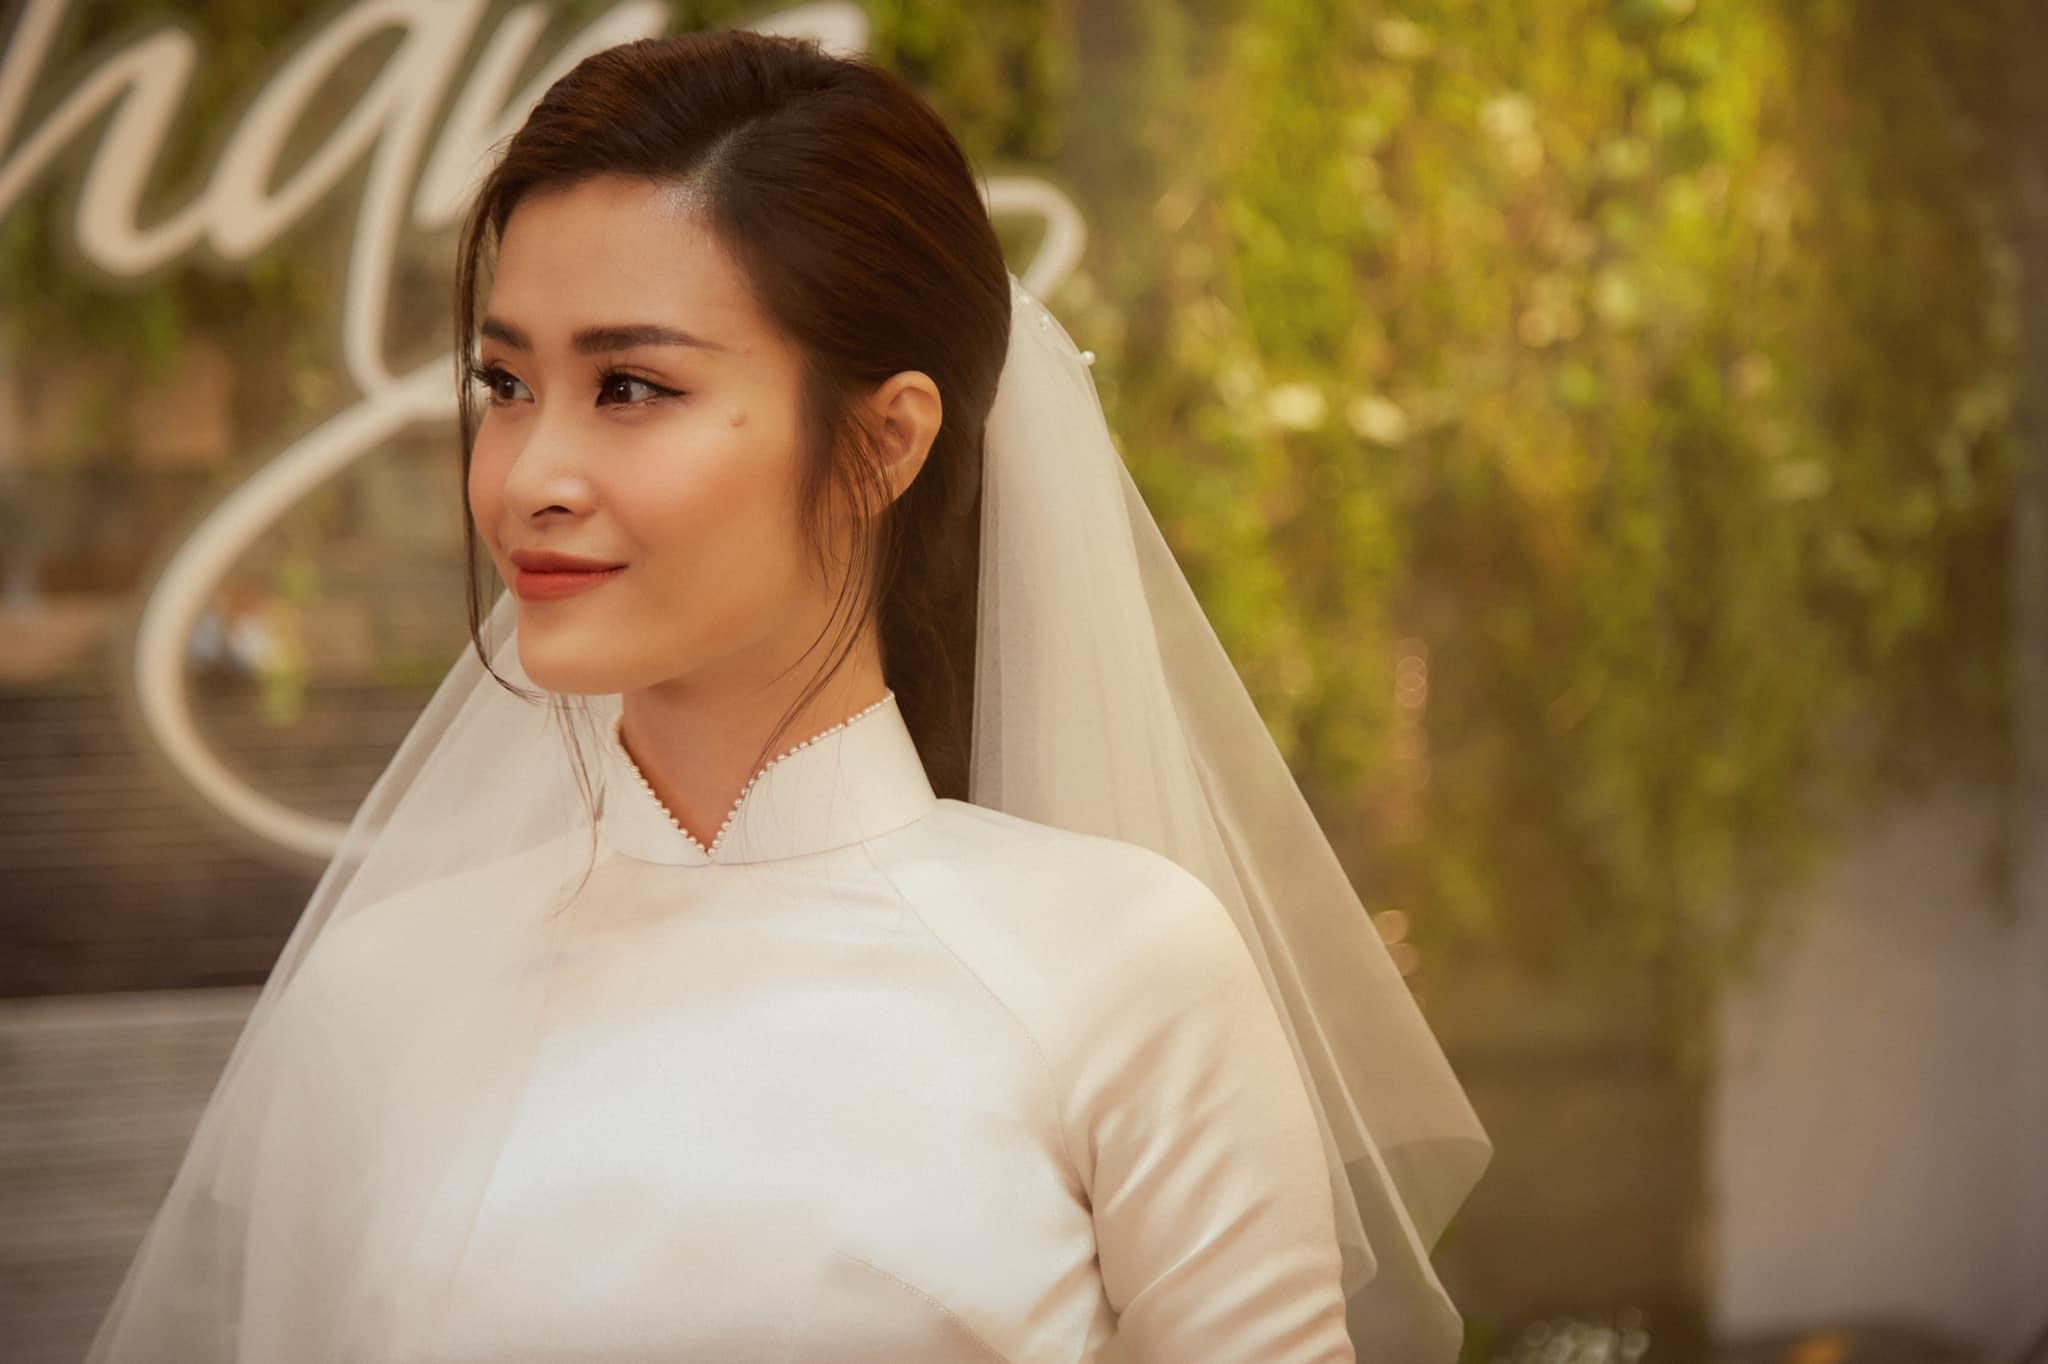 Đông Nhi trang điểm như không mà vẫn đẹp xuất sắc ngày làm vợ Ông Cao Thắng